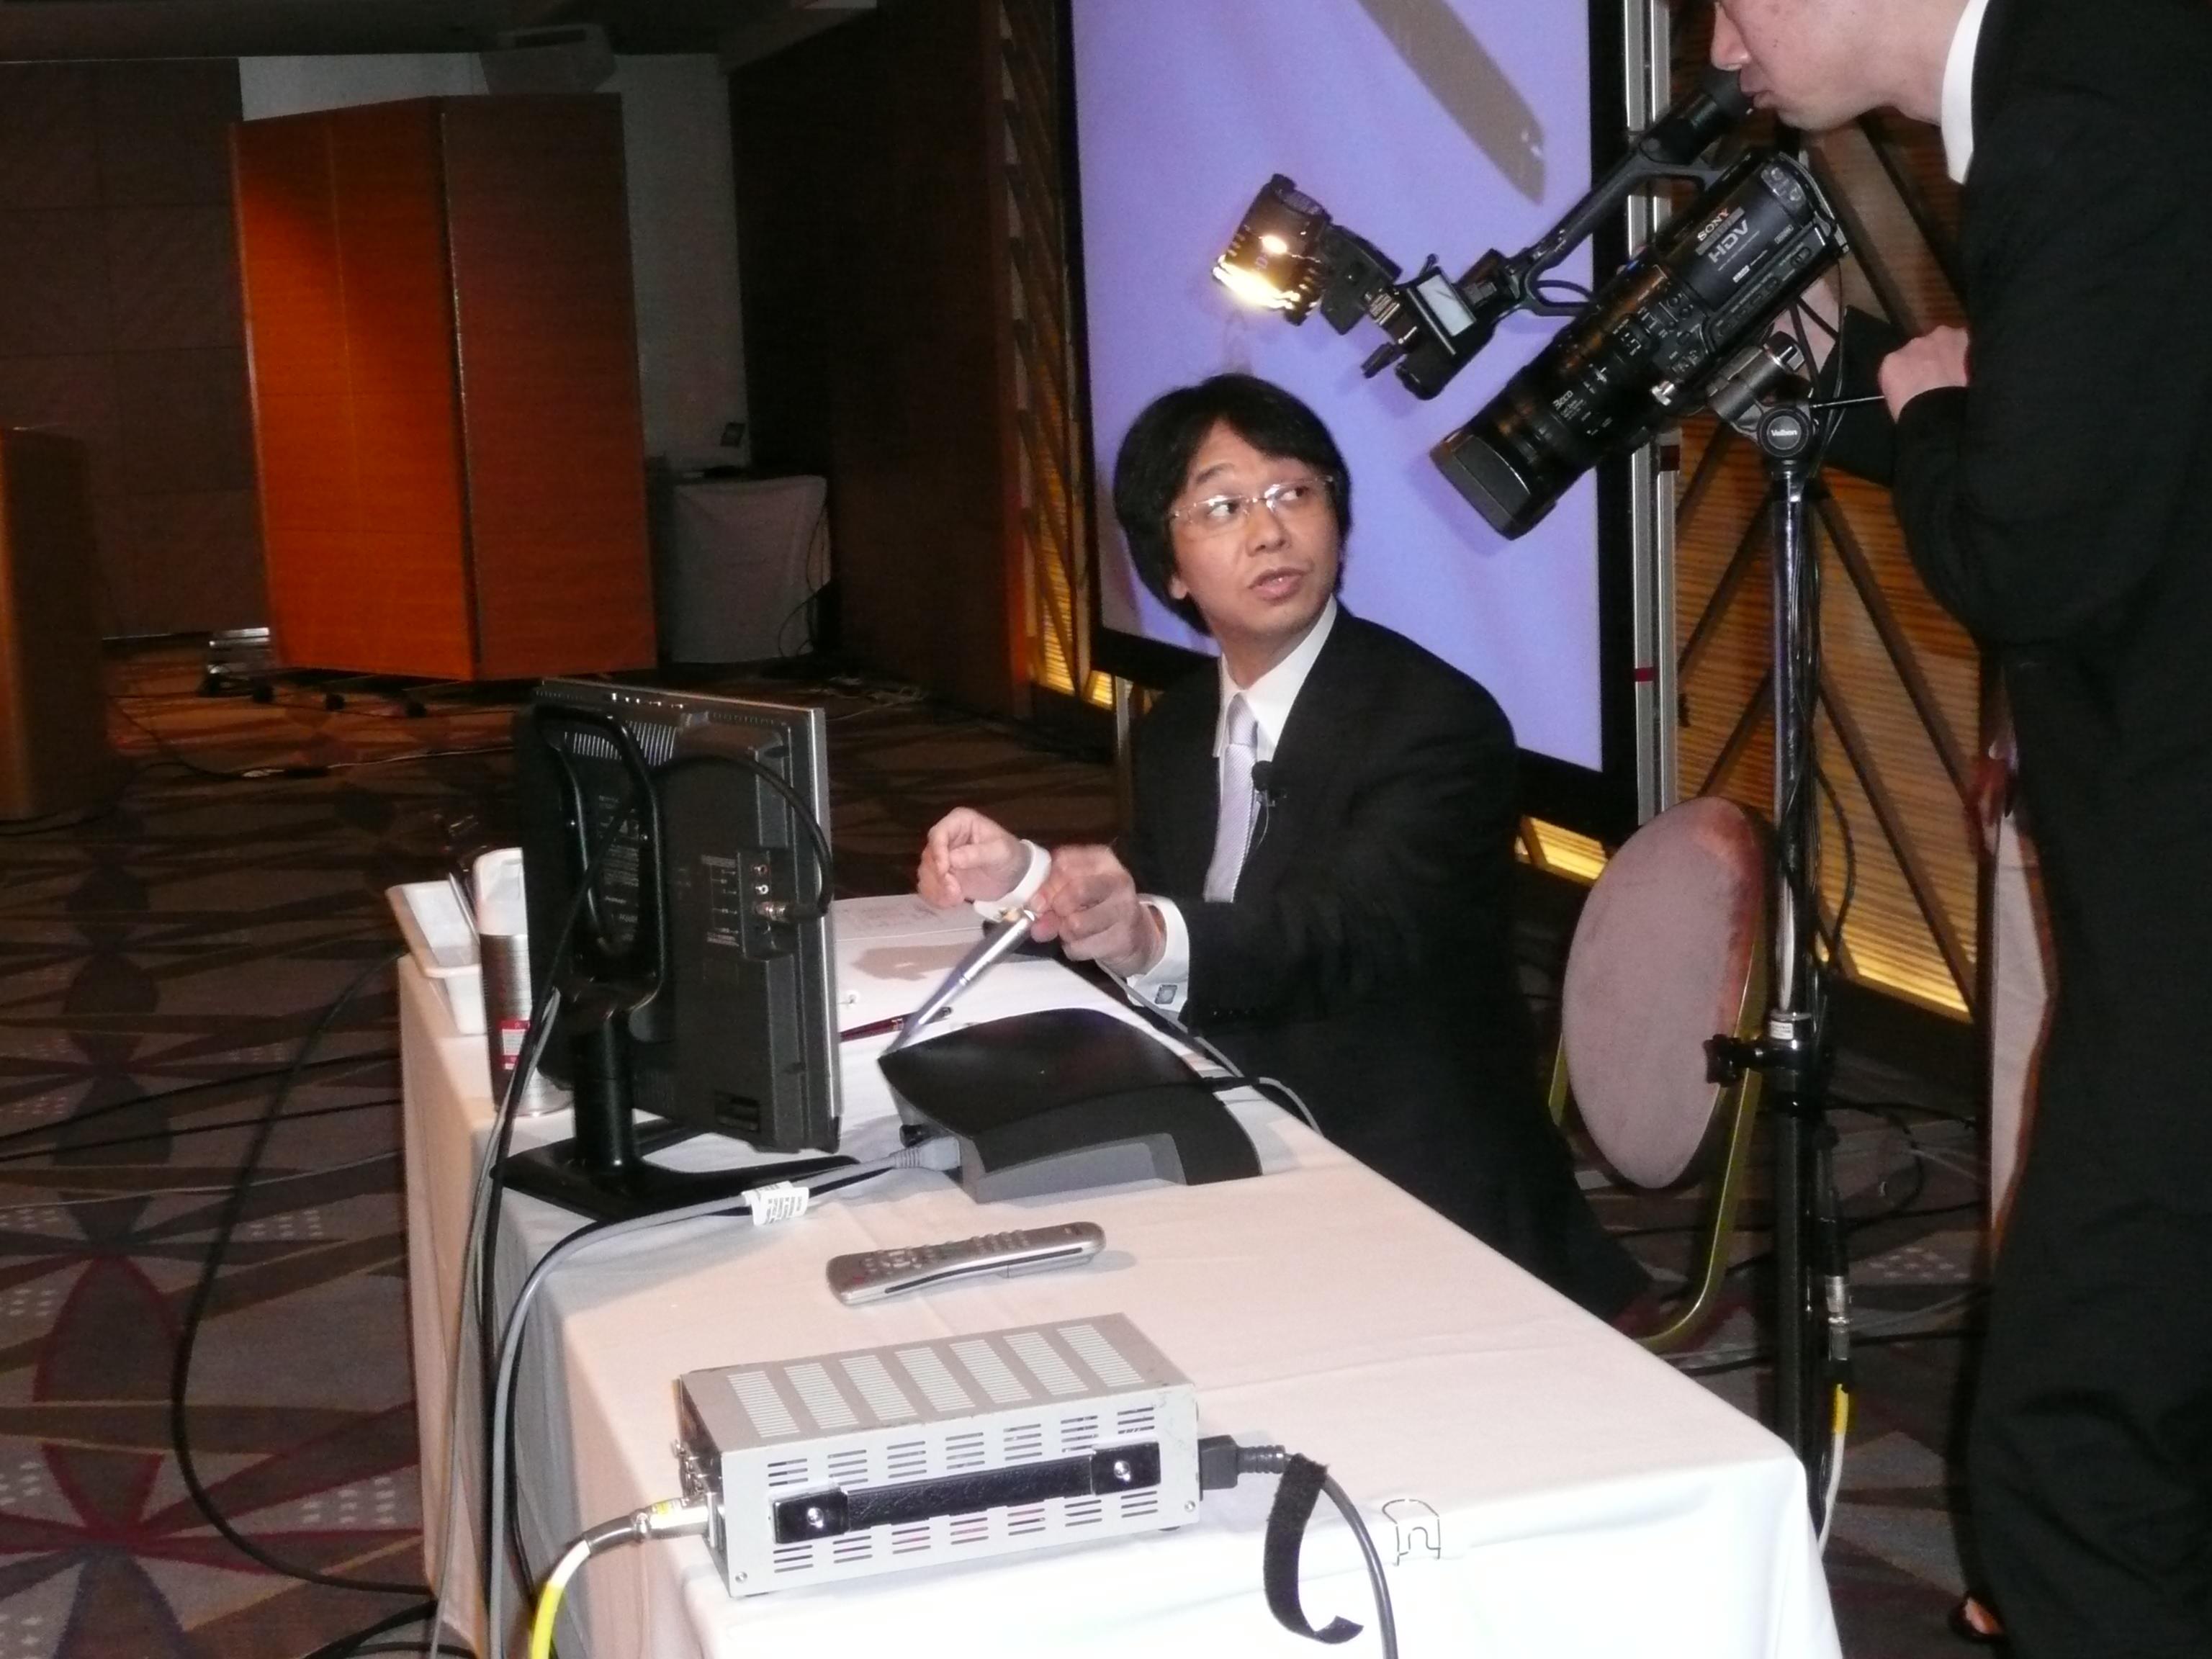 講演で使うパソコンの前に座っている加藤院長